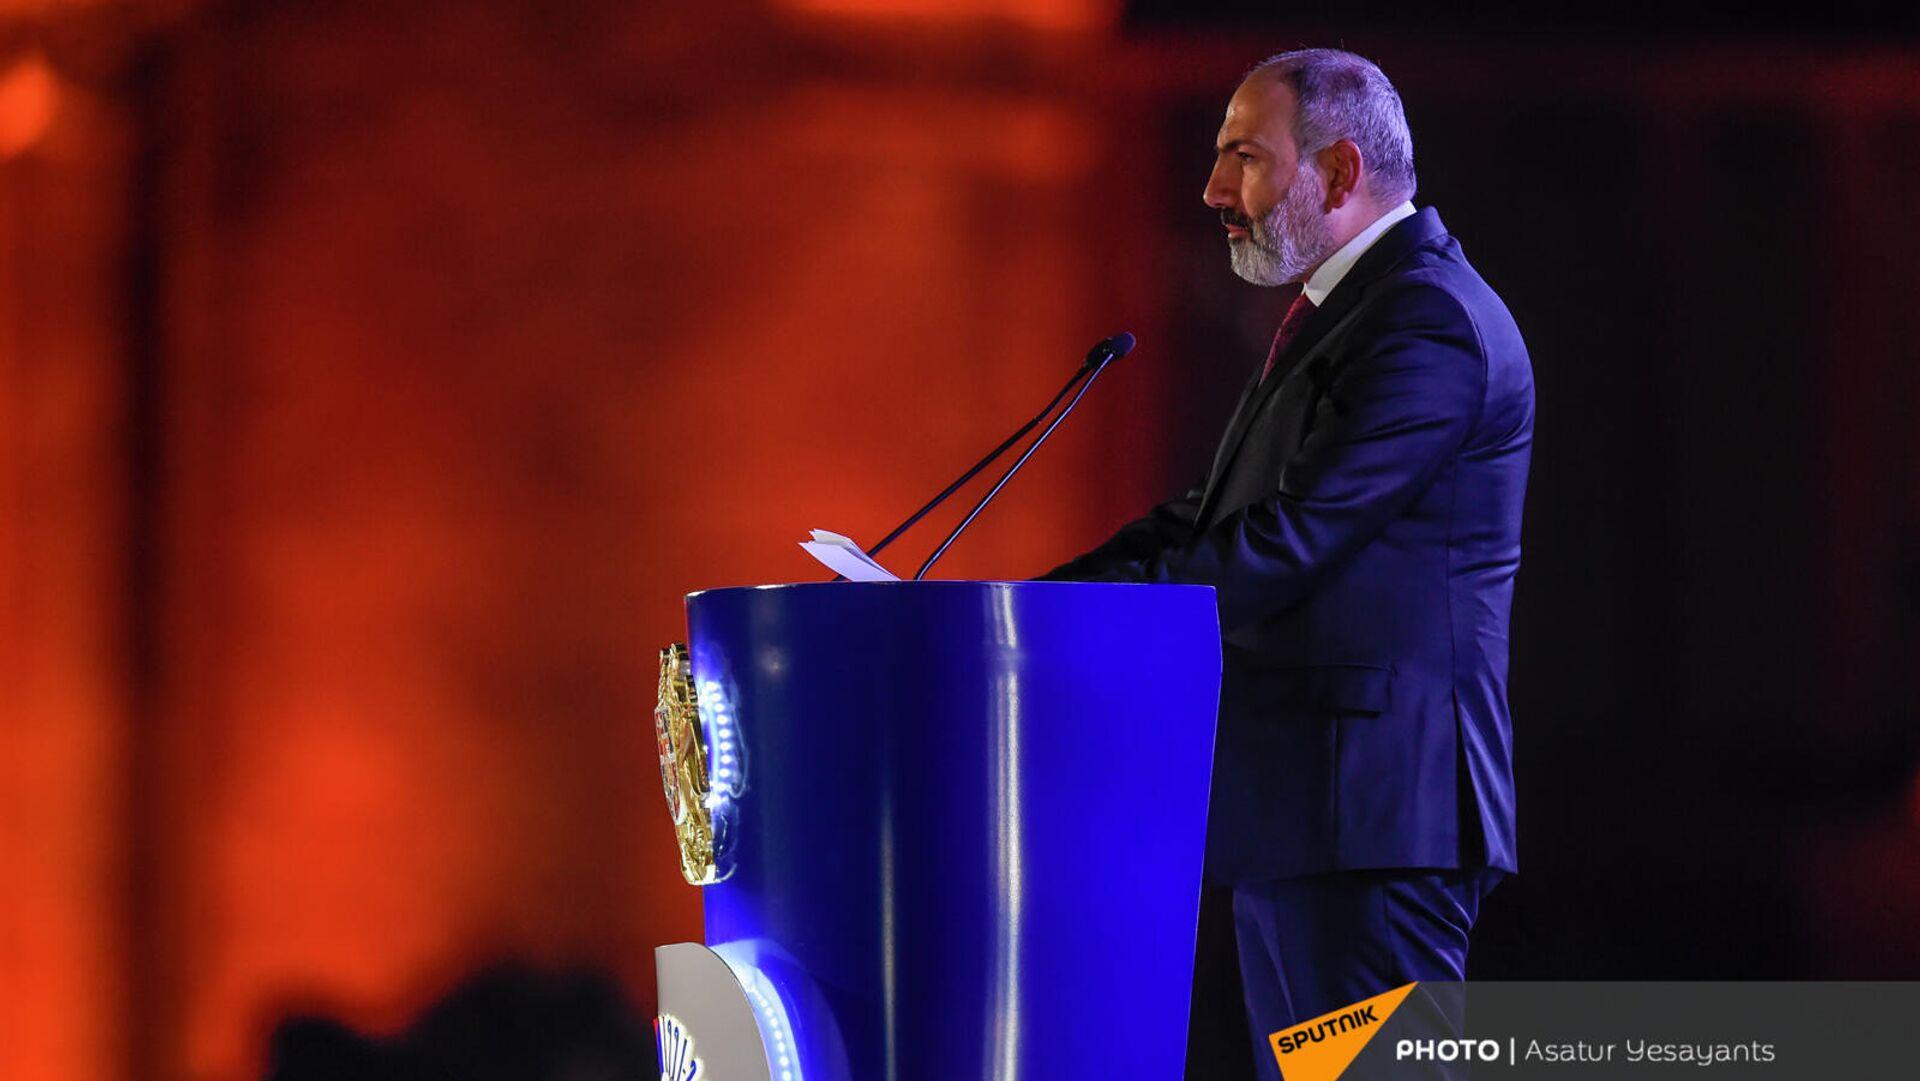 Премьер-министр Никол Пашинян во время приветственной речи перед праздничным концертом (21 сентября 2021). Ереван - Sputnik Армения, 1920, 21.09.2021